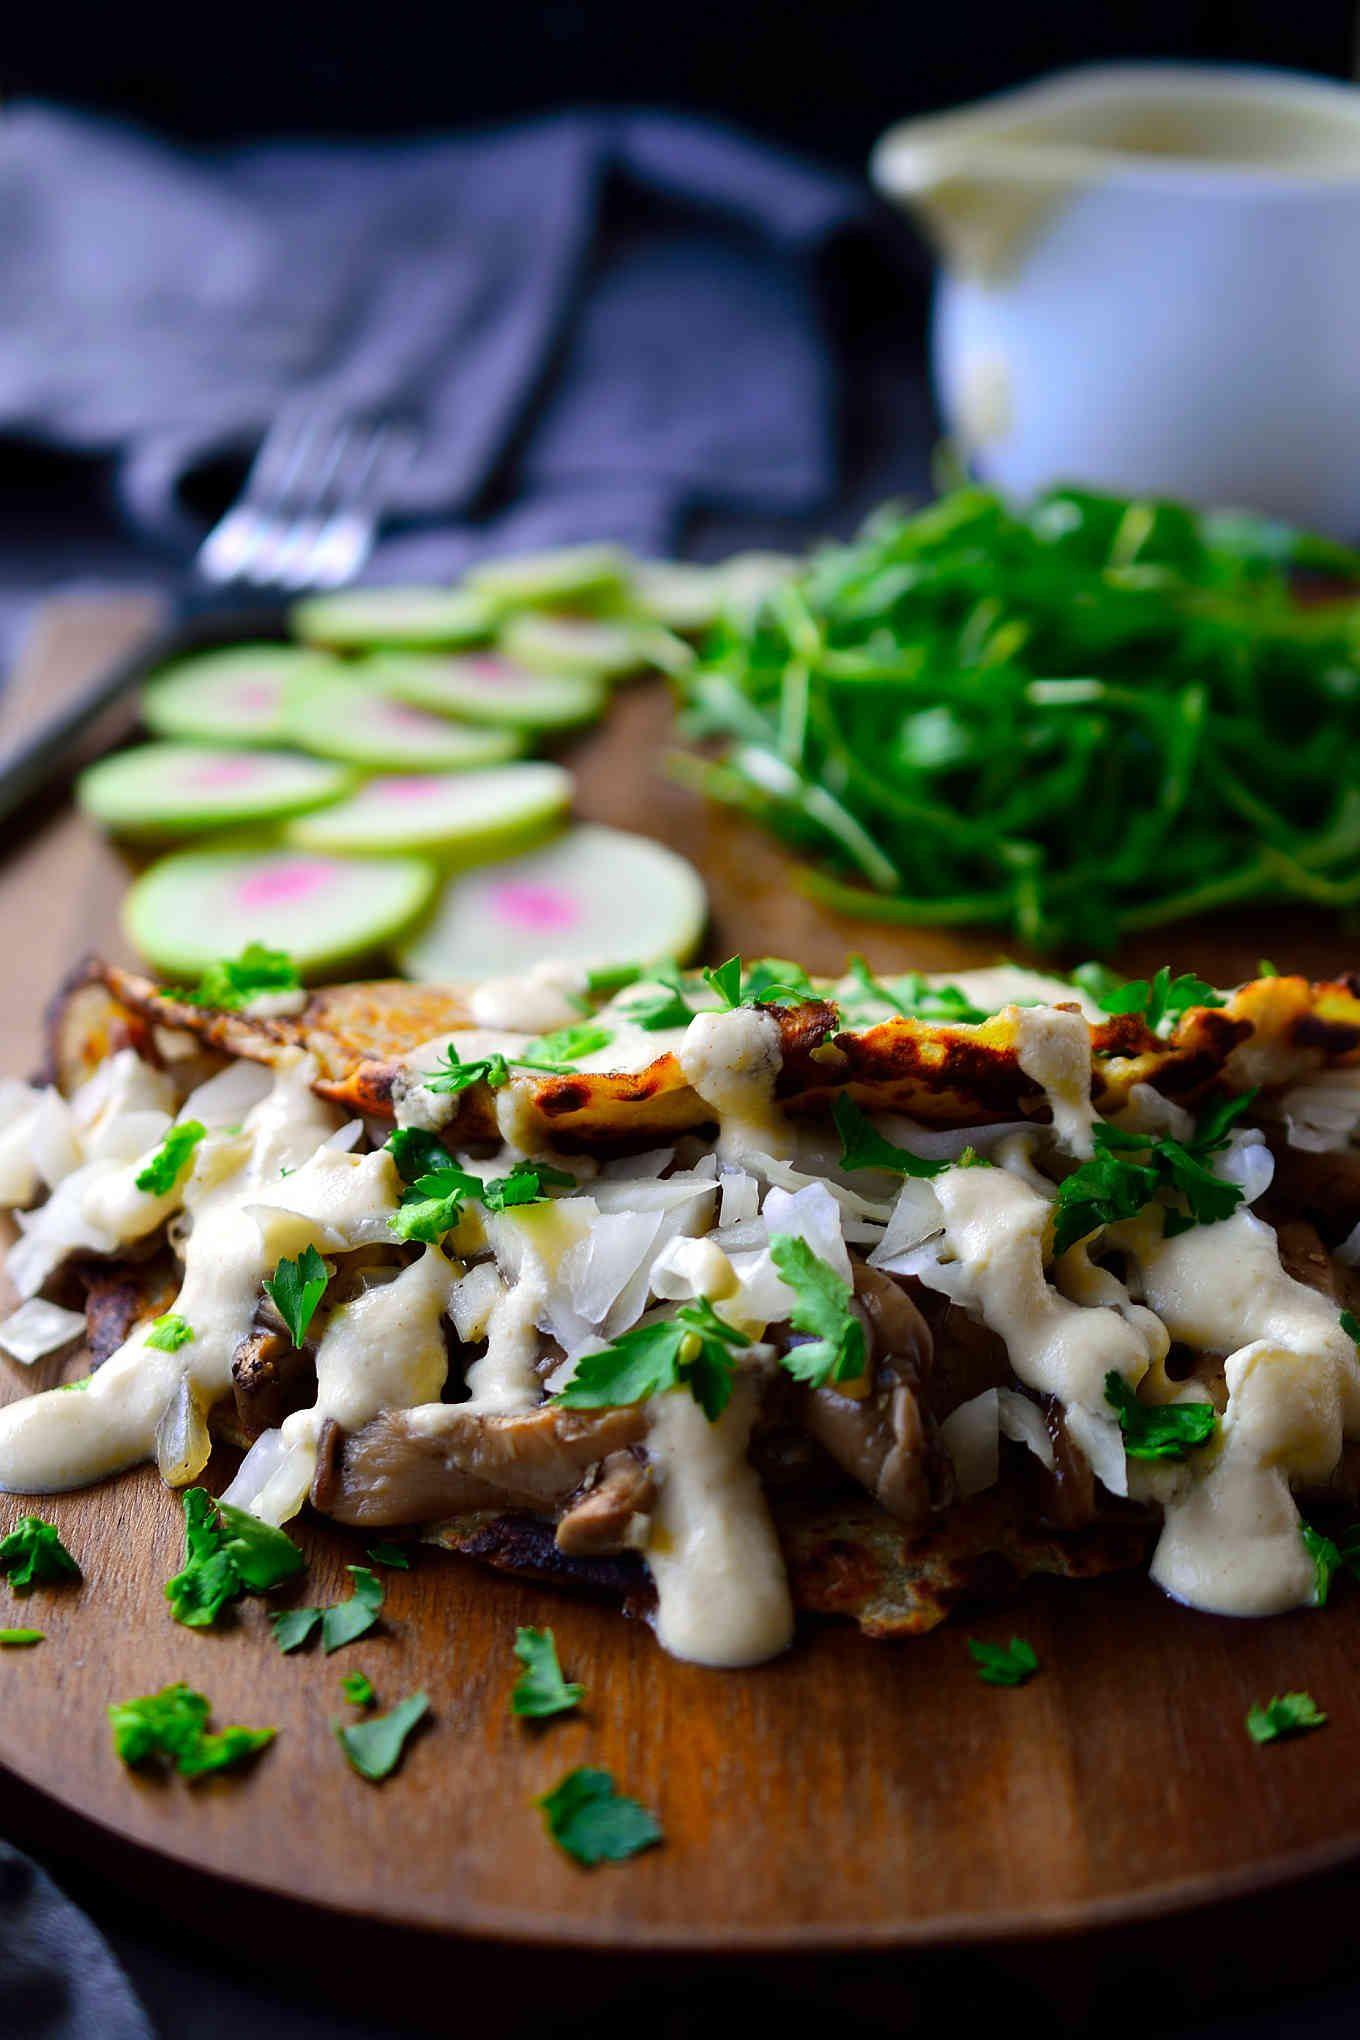 Estas tortitas de patata veganas están basadas en el tradicional boxty irlandés, rellenas de un exquisito sofrito de setas, chucrut y una salsa cremosa y vegana de mostaza. Son increíblemente fáciles de hacer y perfectos para servir de desayuno, almuerzo o cena!